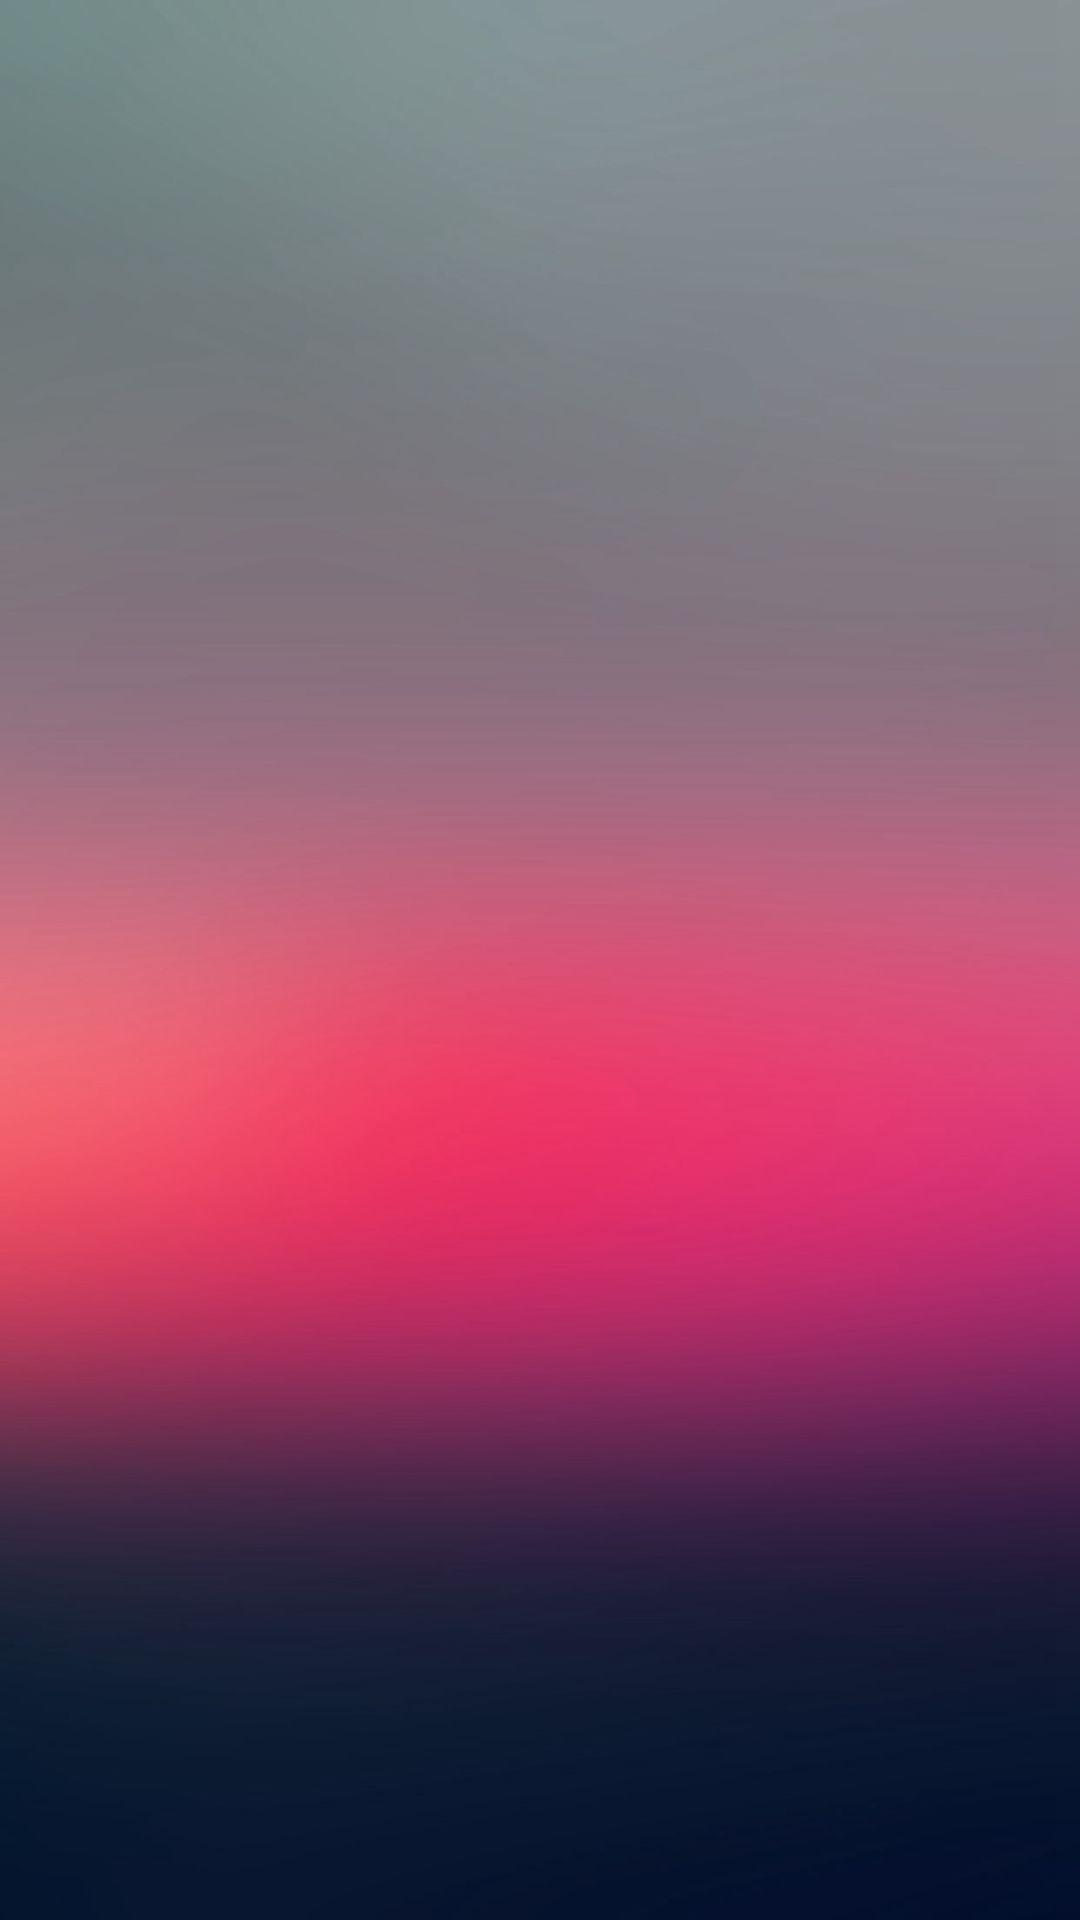 Pink Sunset Blur Gradation IPhone 6 Wallpaper